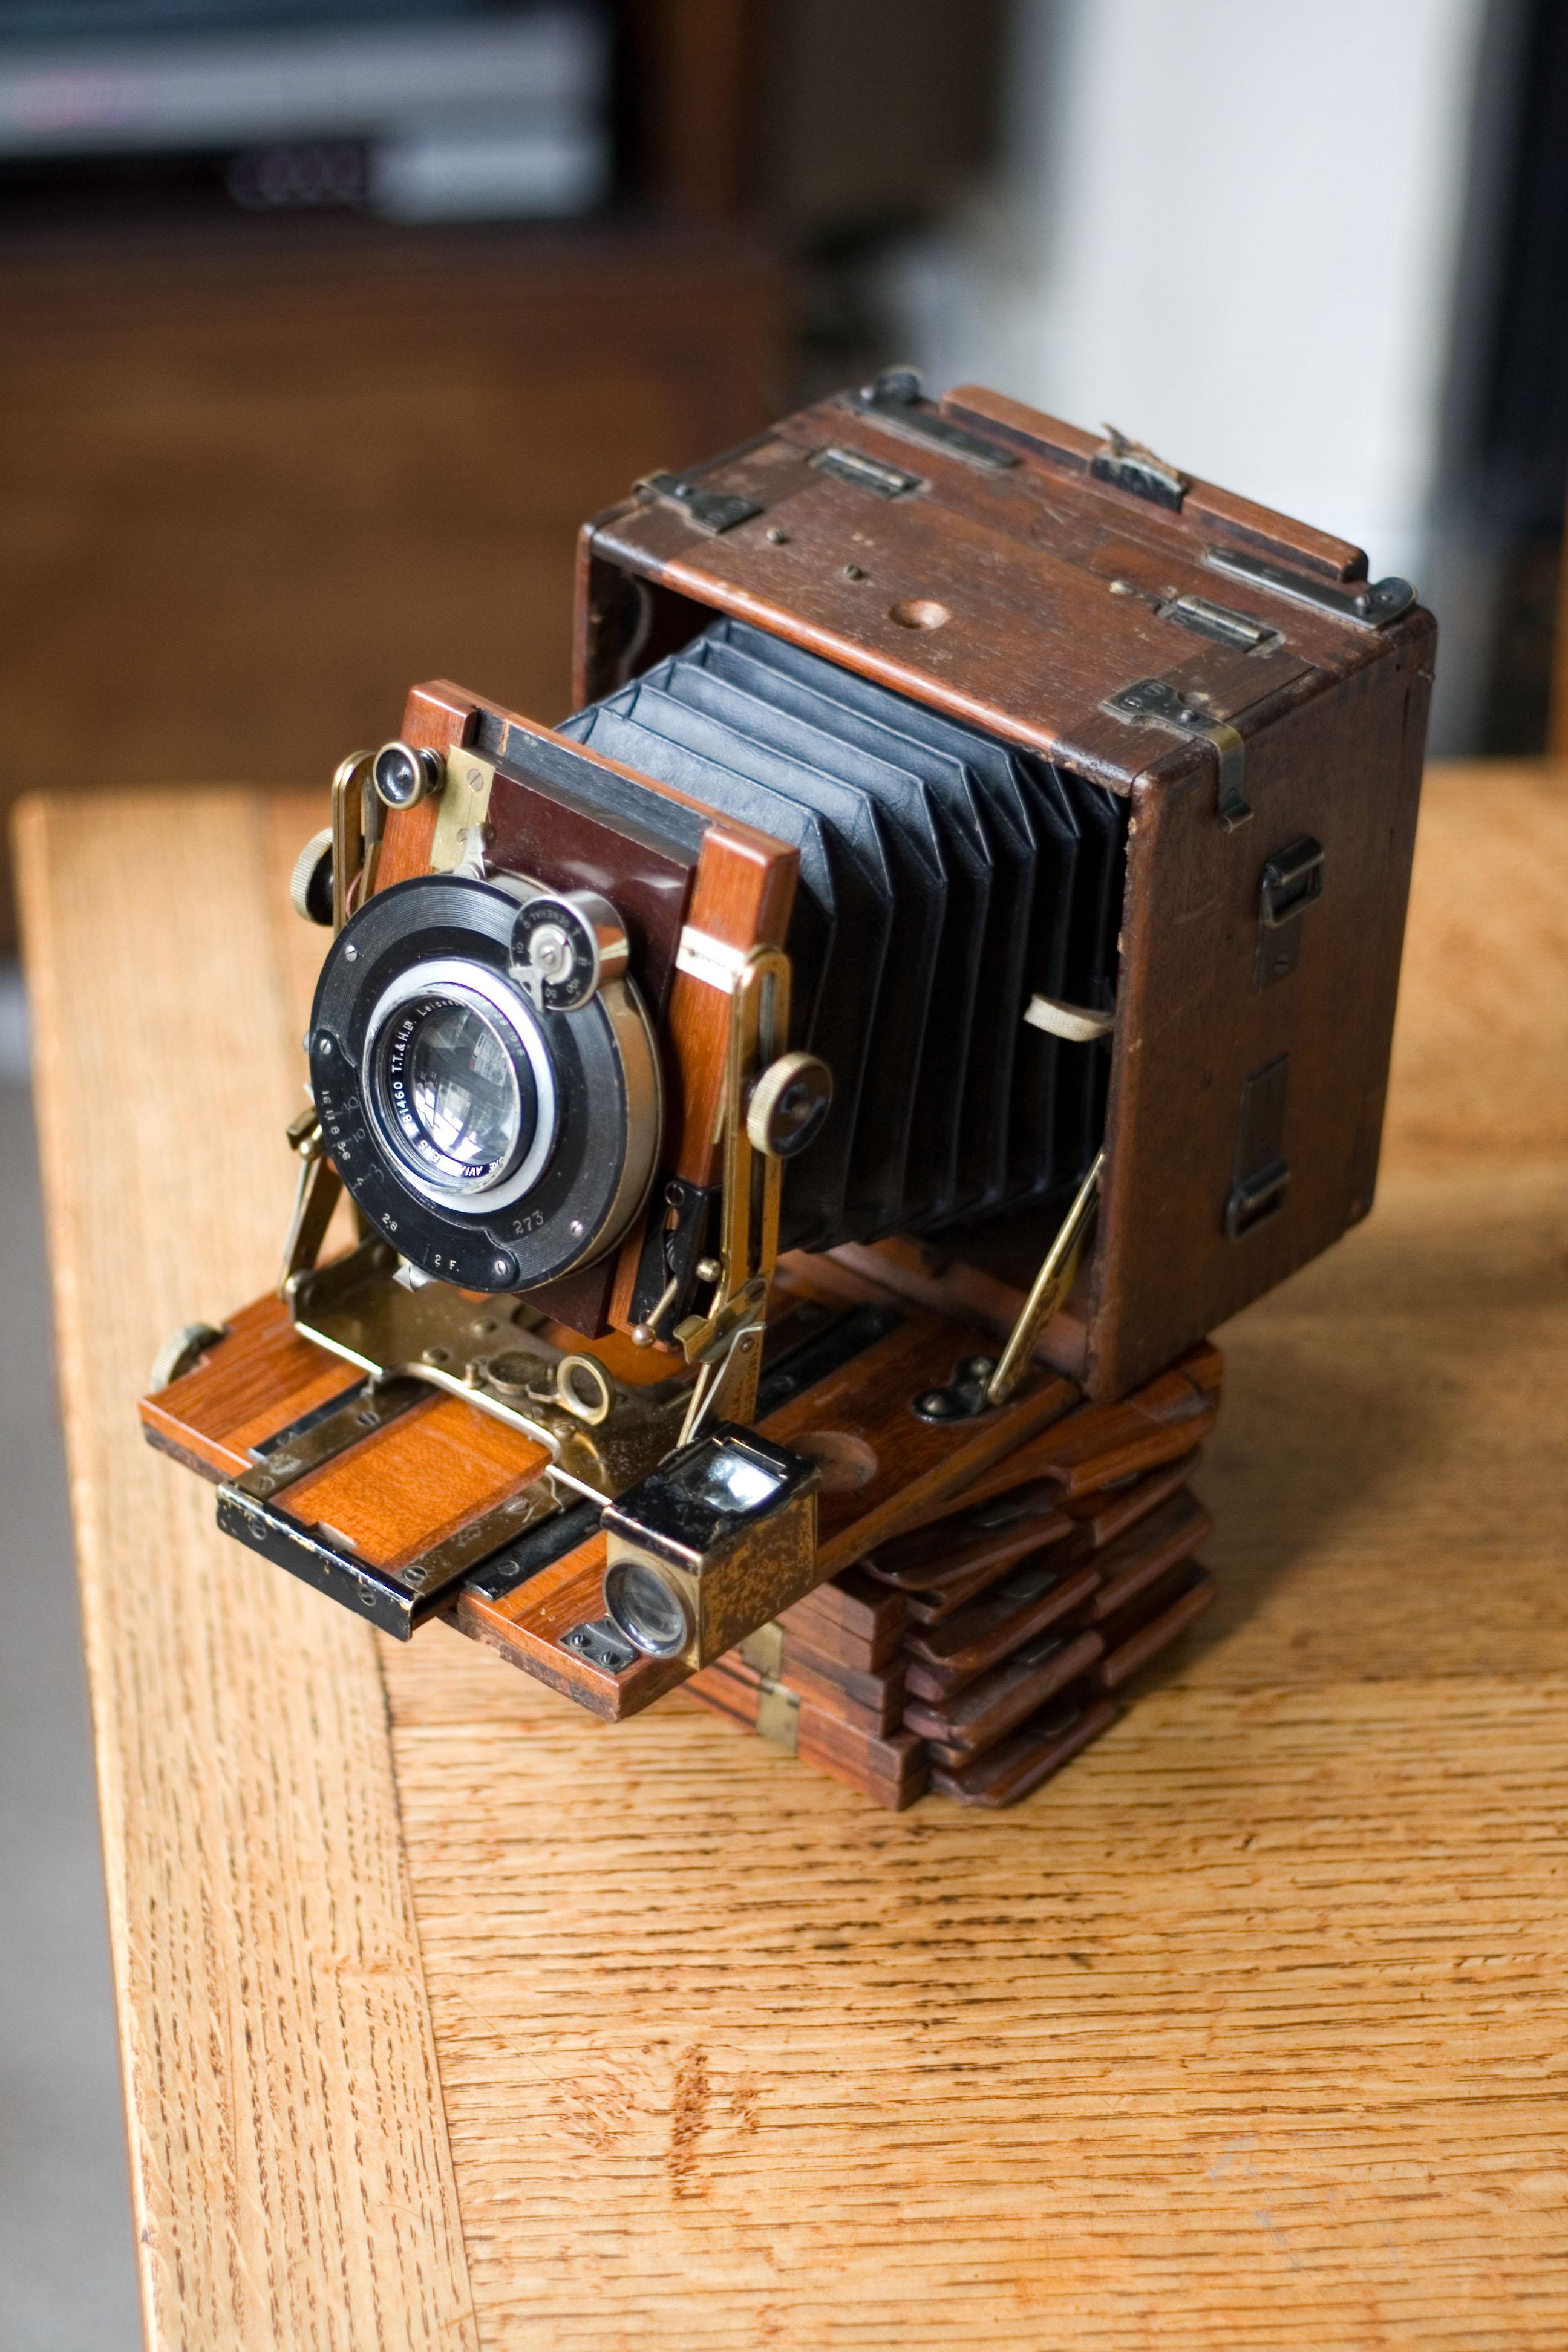 праздник первые фотоаппараты с выдвижным объективом паратунка, как другие